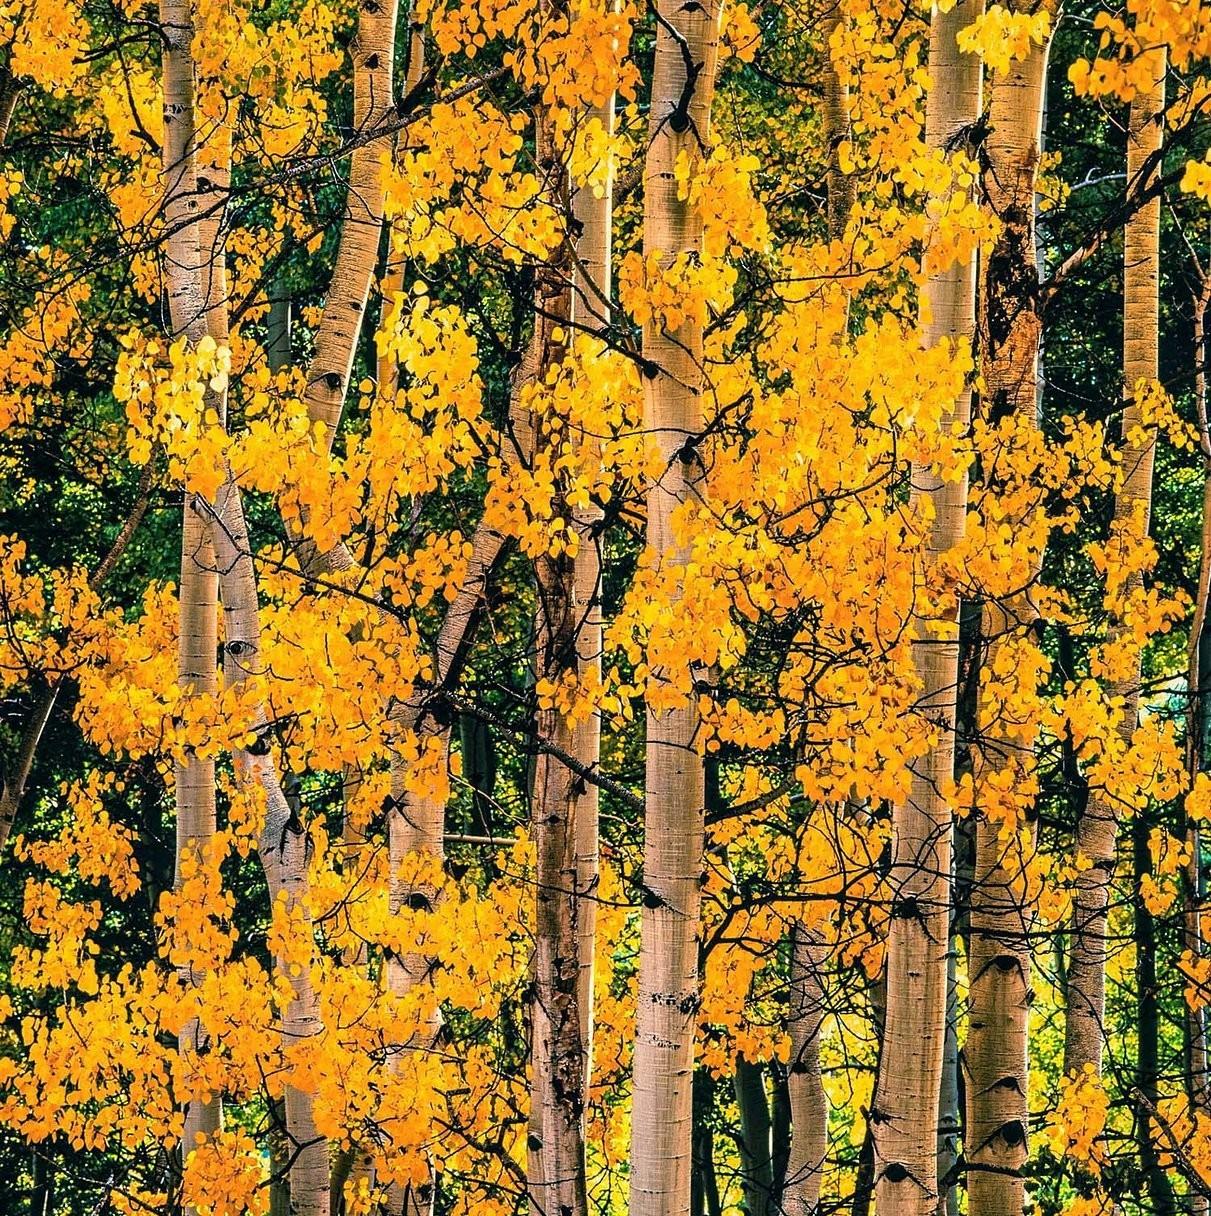 Осины, Колорадо, 2017. Автор Кристофер Бёркетт